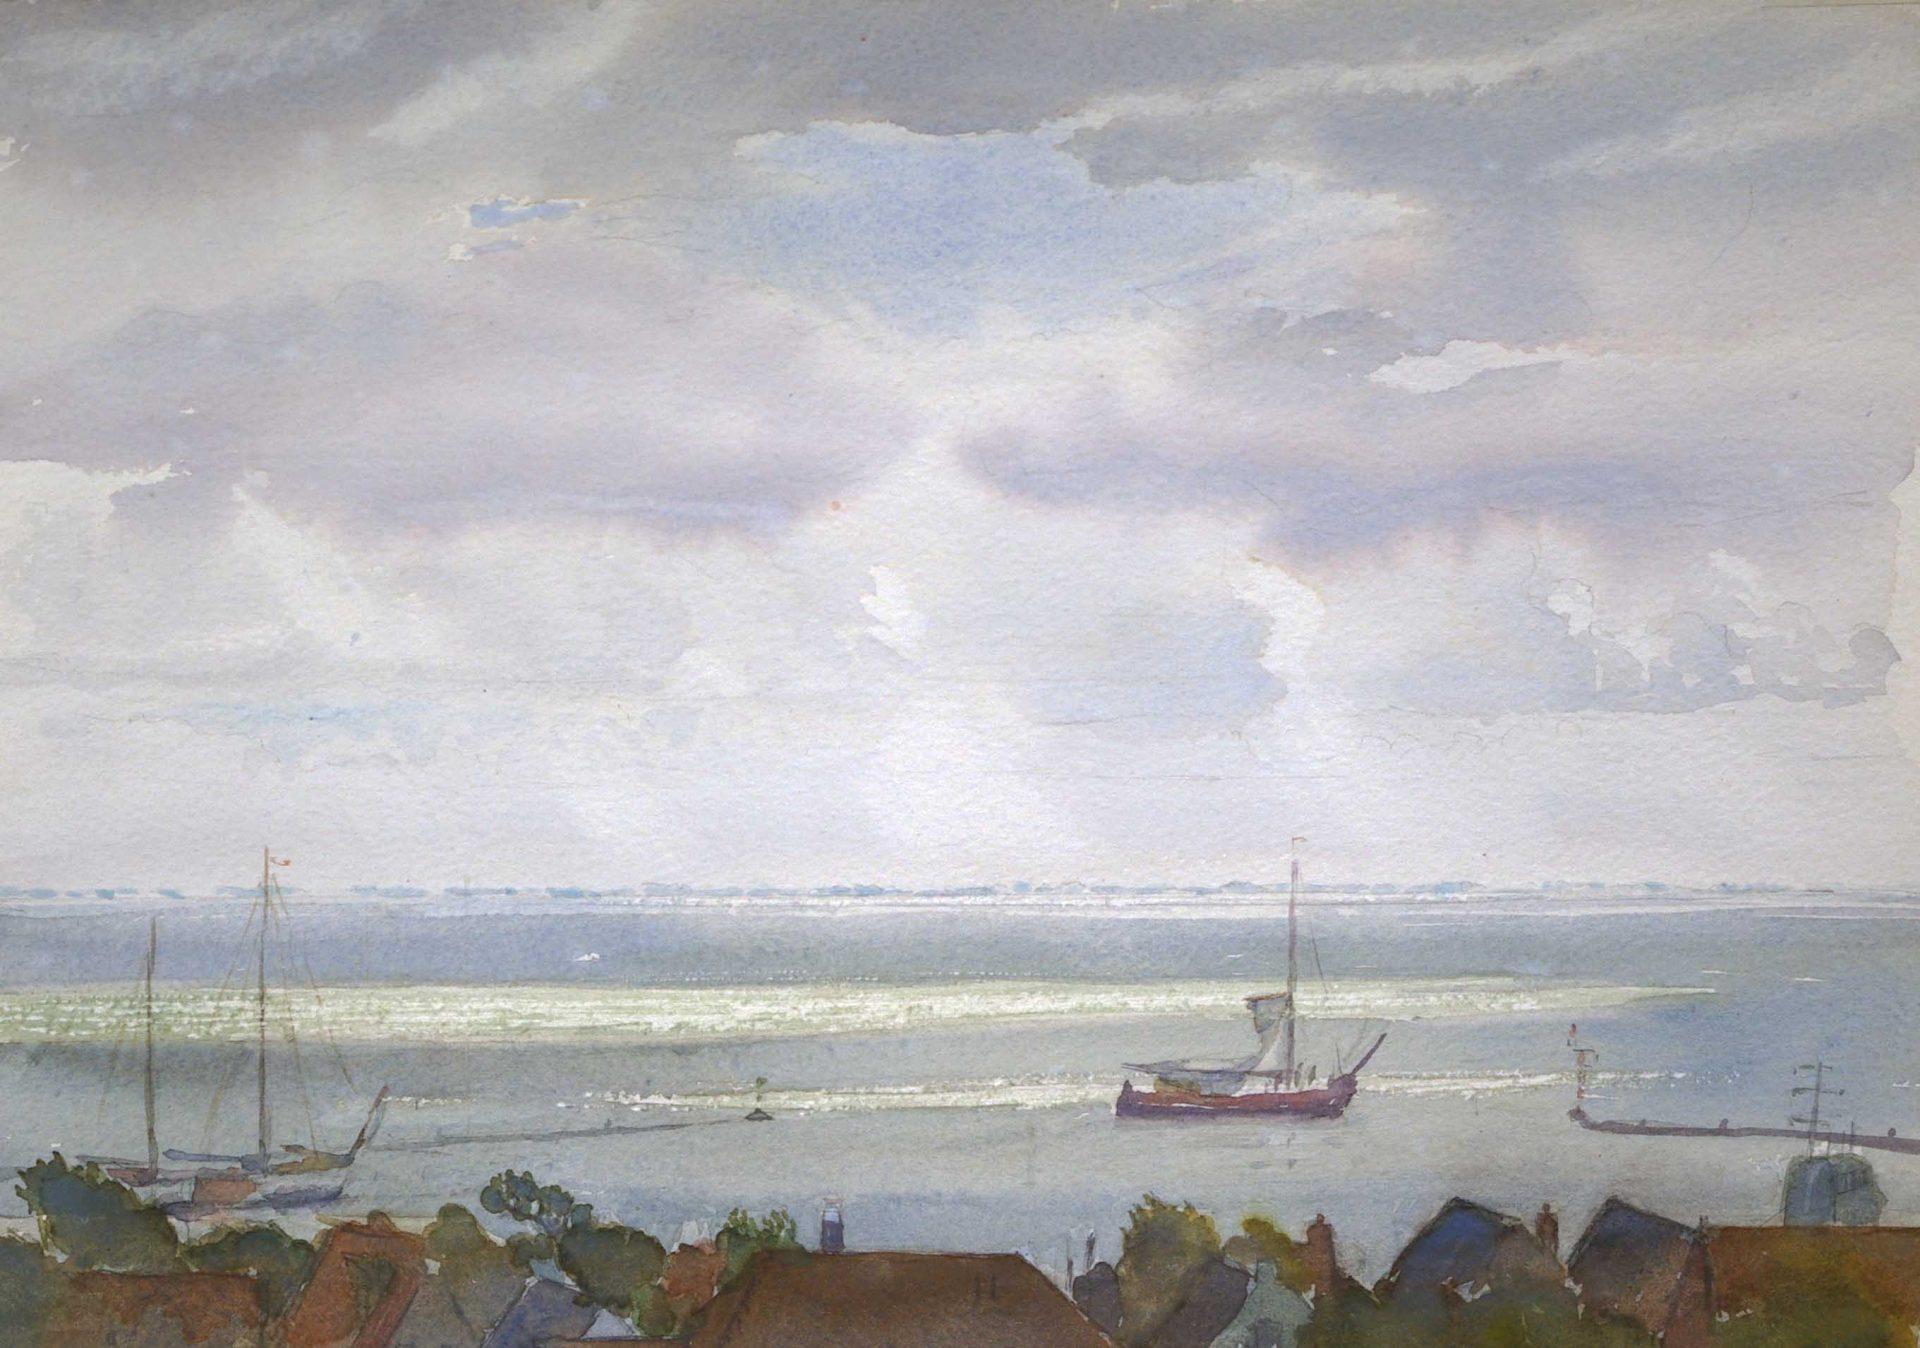 Schilderij van Uitzicht over haven van Terschelling, met platbodem die zeilen hijst.figuratief, realisme, Dutch master ,painter ,Dutch marine painting